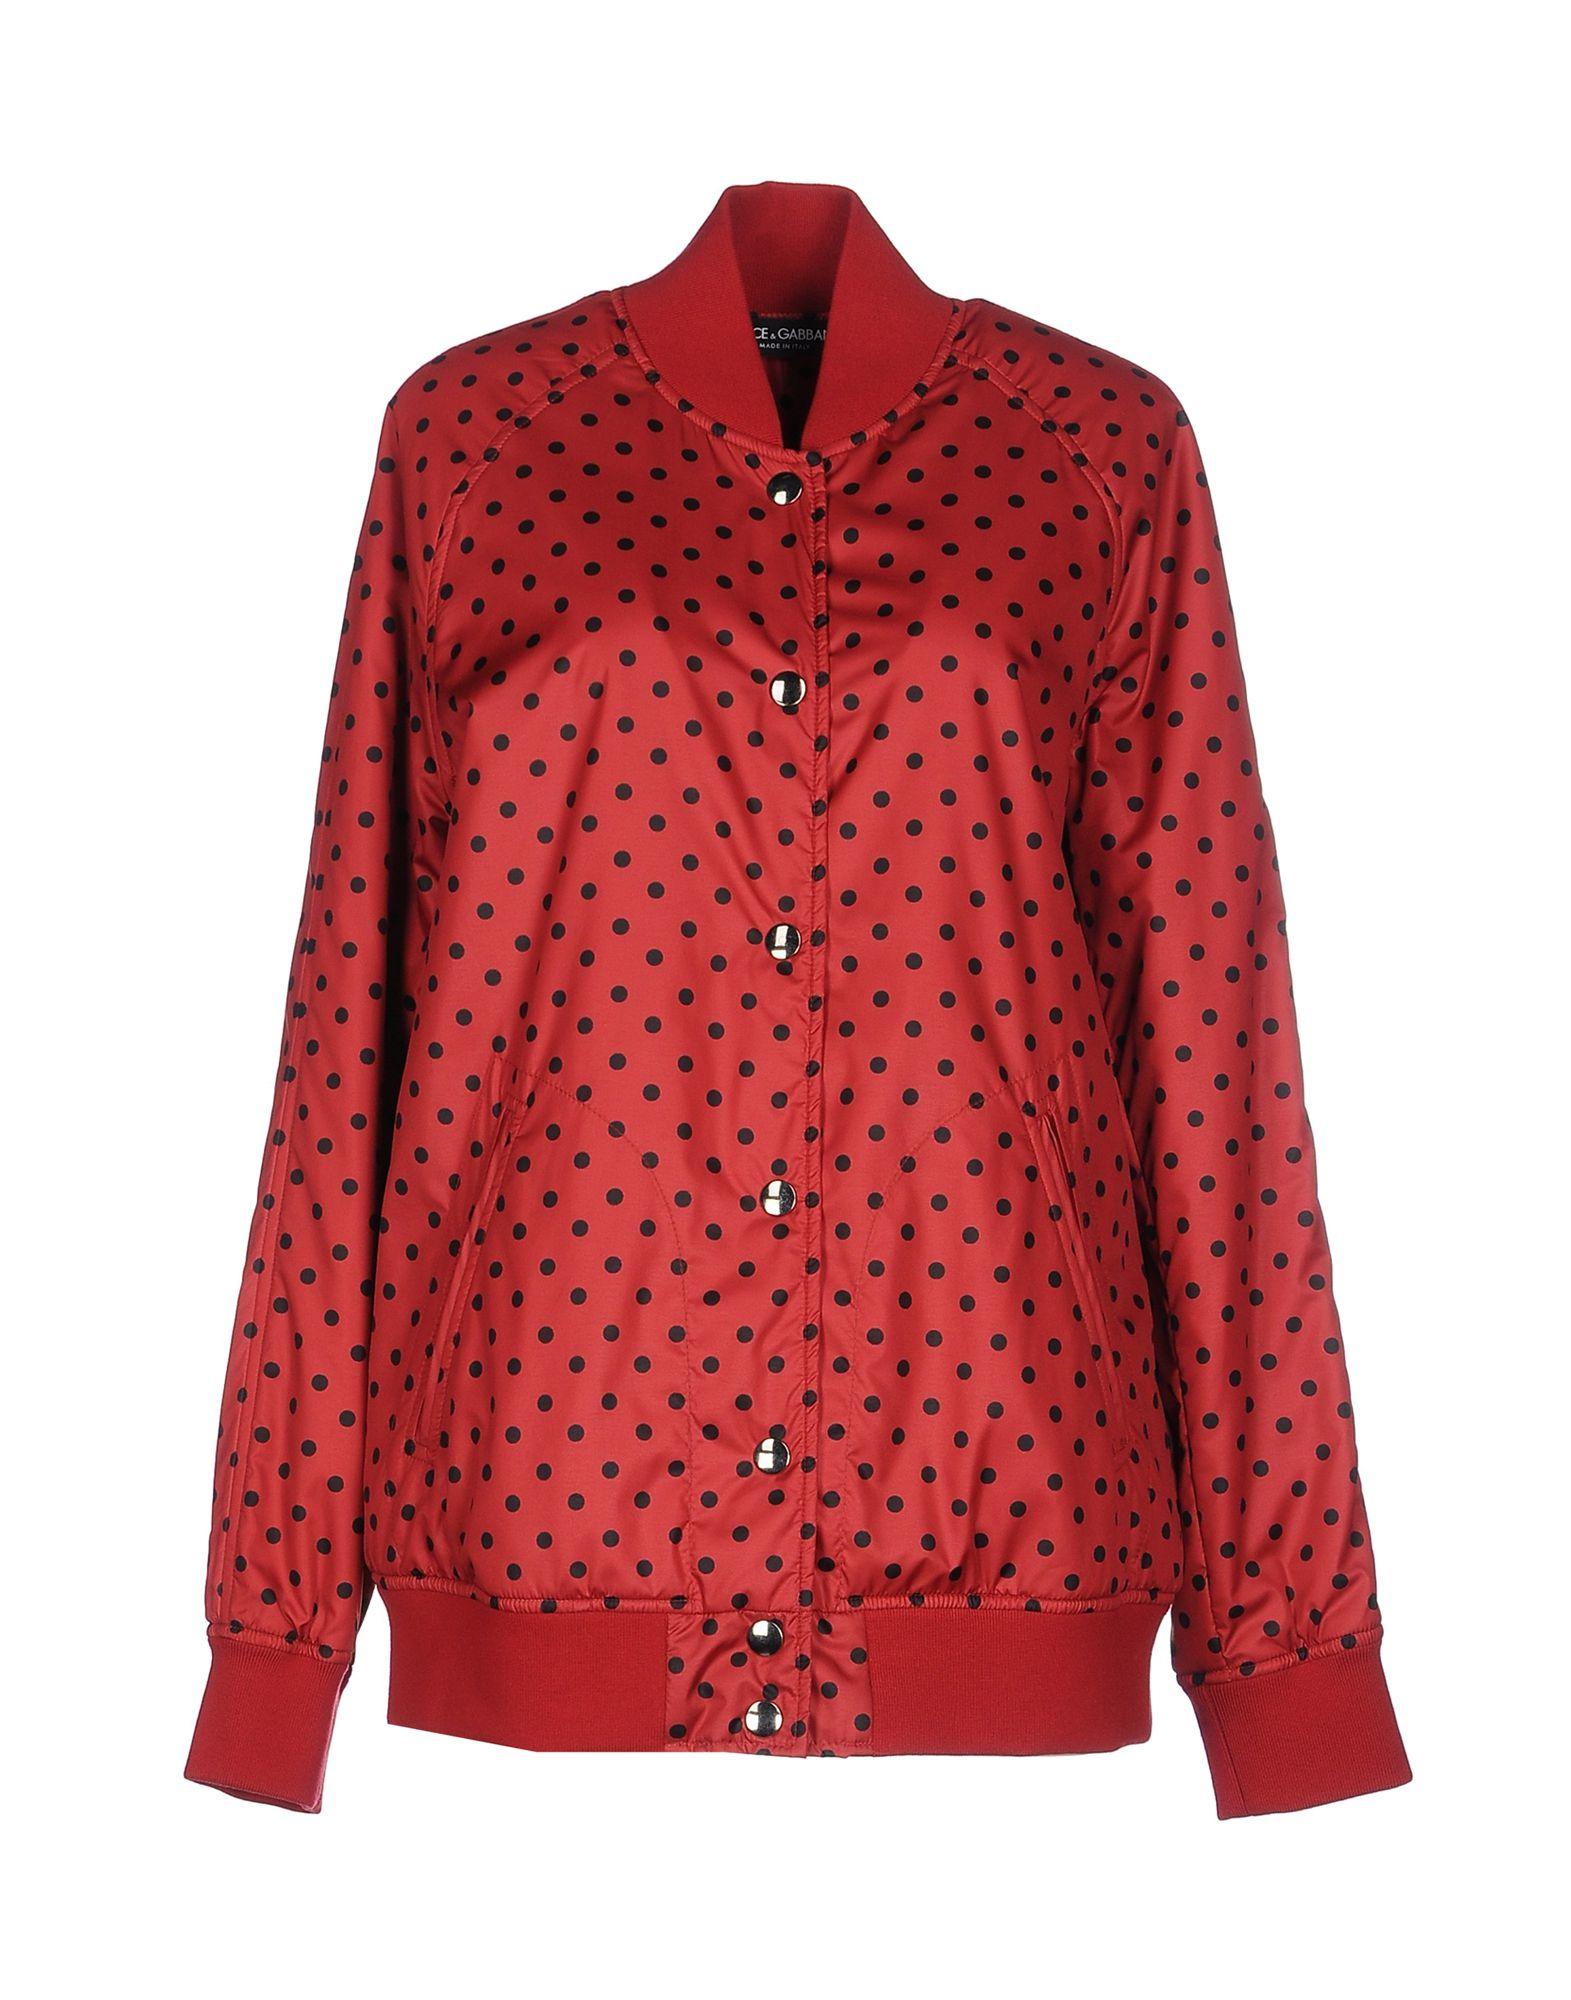 lyst dolce gabbana jacket in red. Black Bedroom Furniture Sets. Home Design Ideas